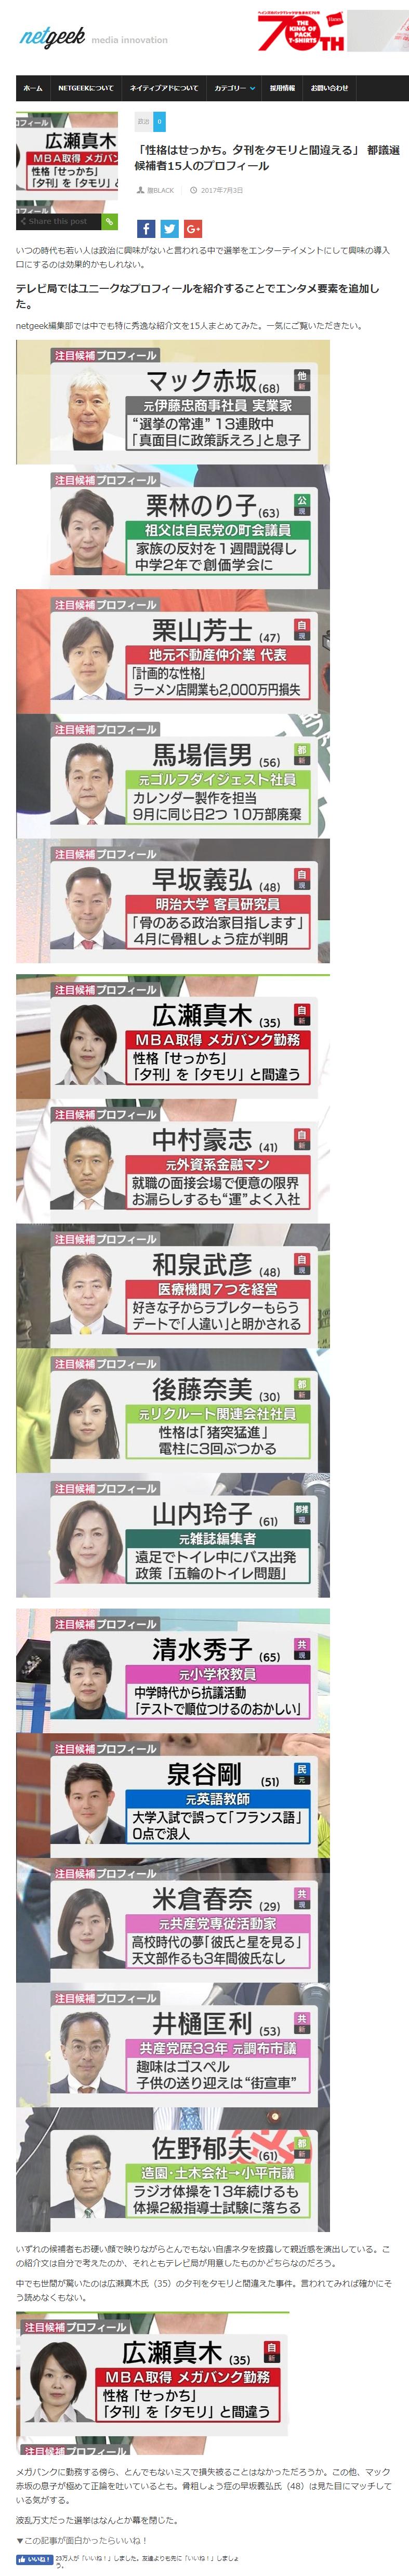 「性格はせっかち。夕刊をタモリと間違える」 都議選候補者15人のプロフィール netgeek (2)